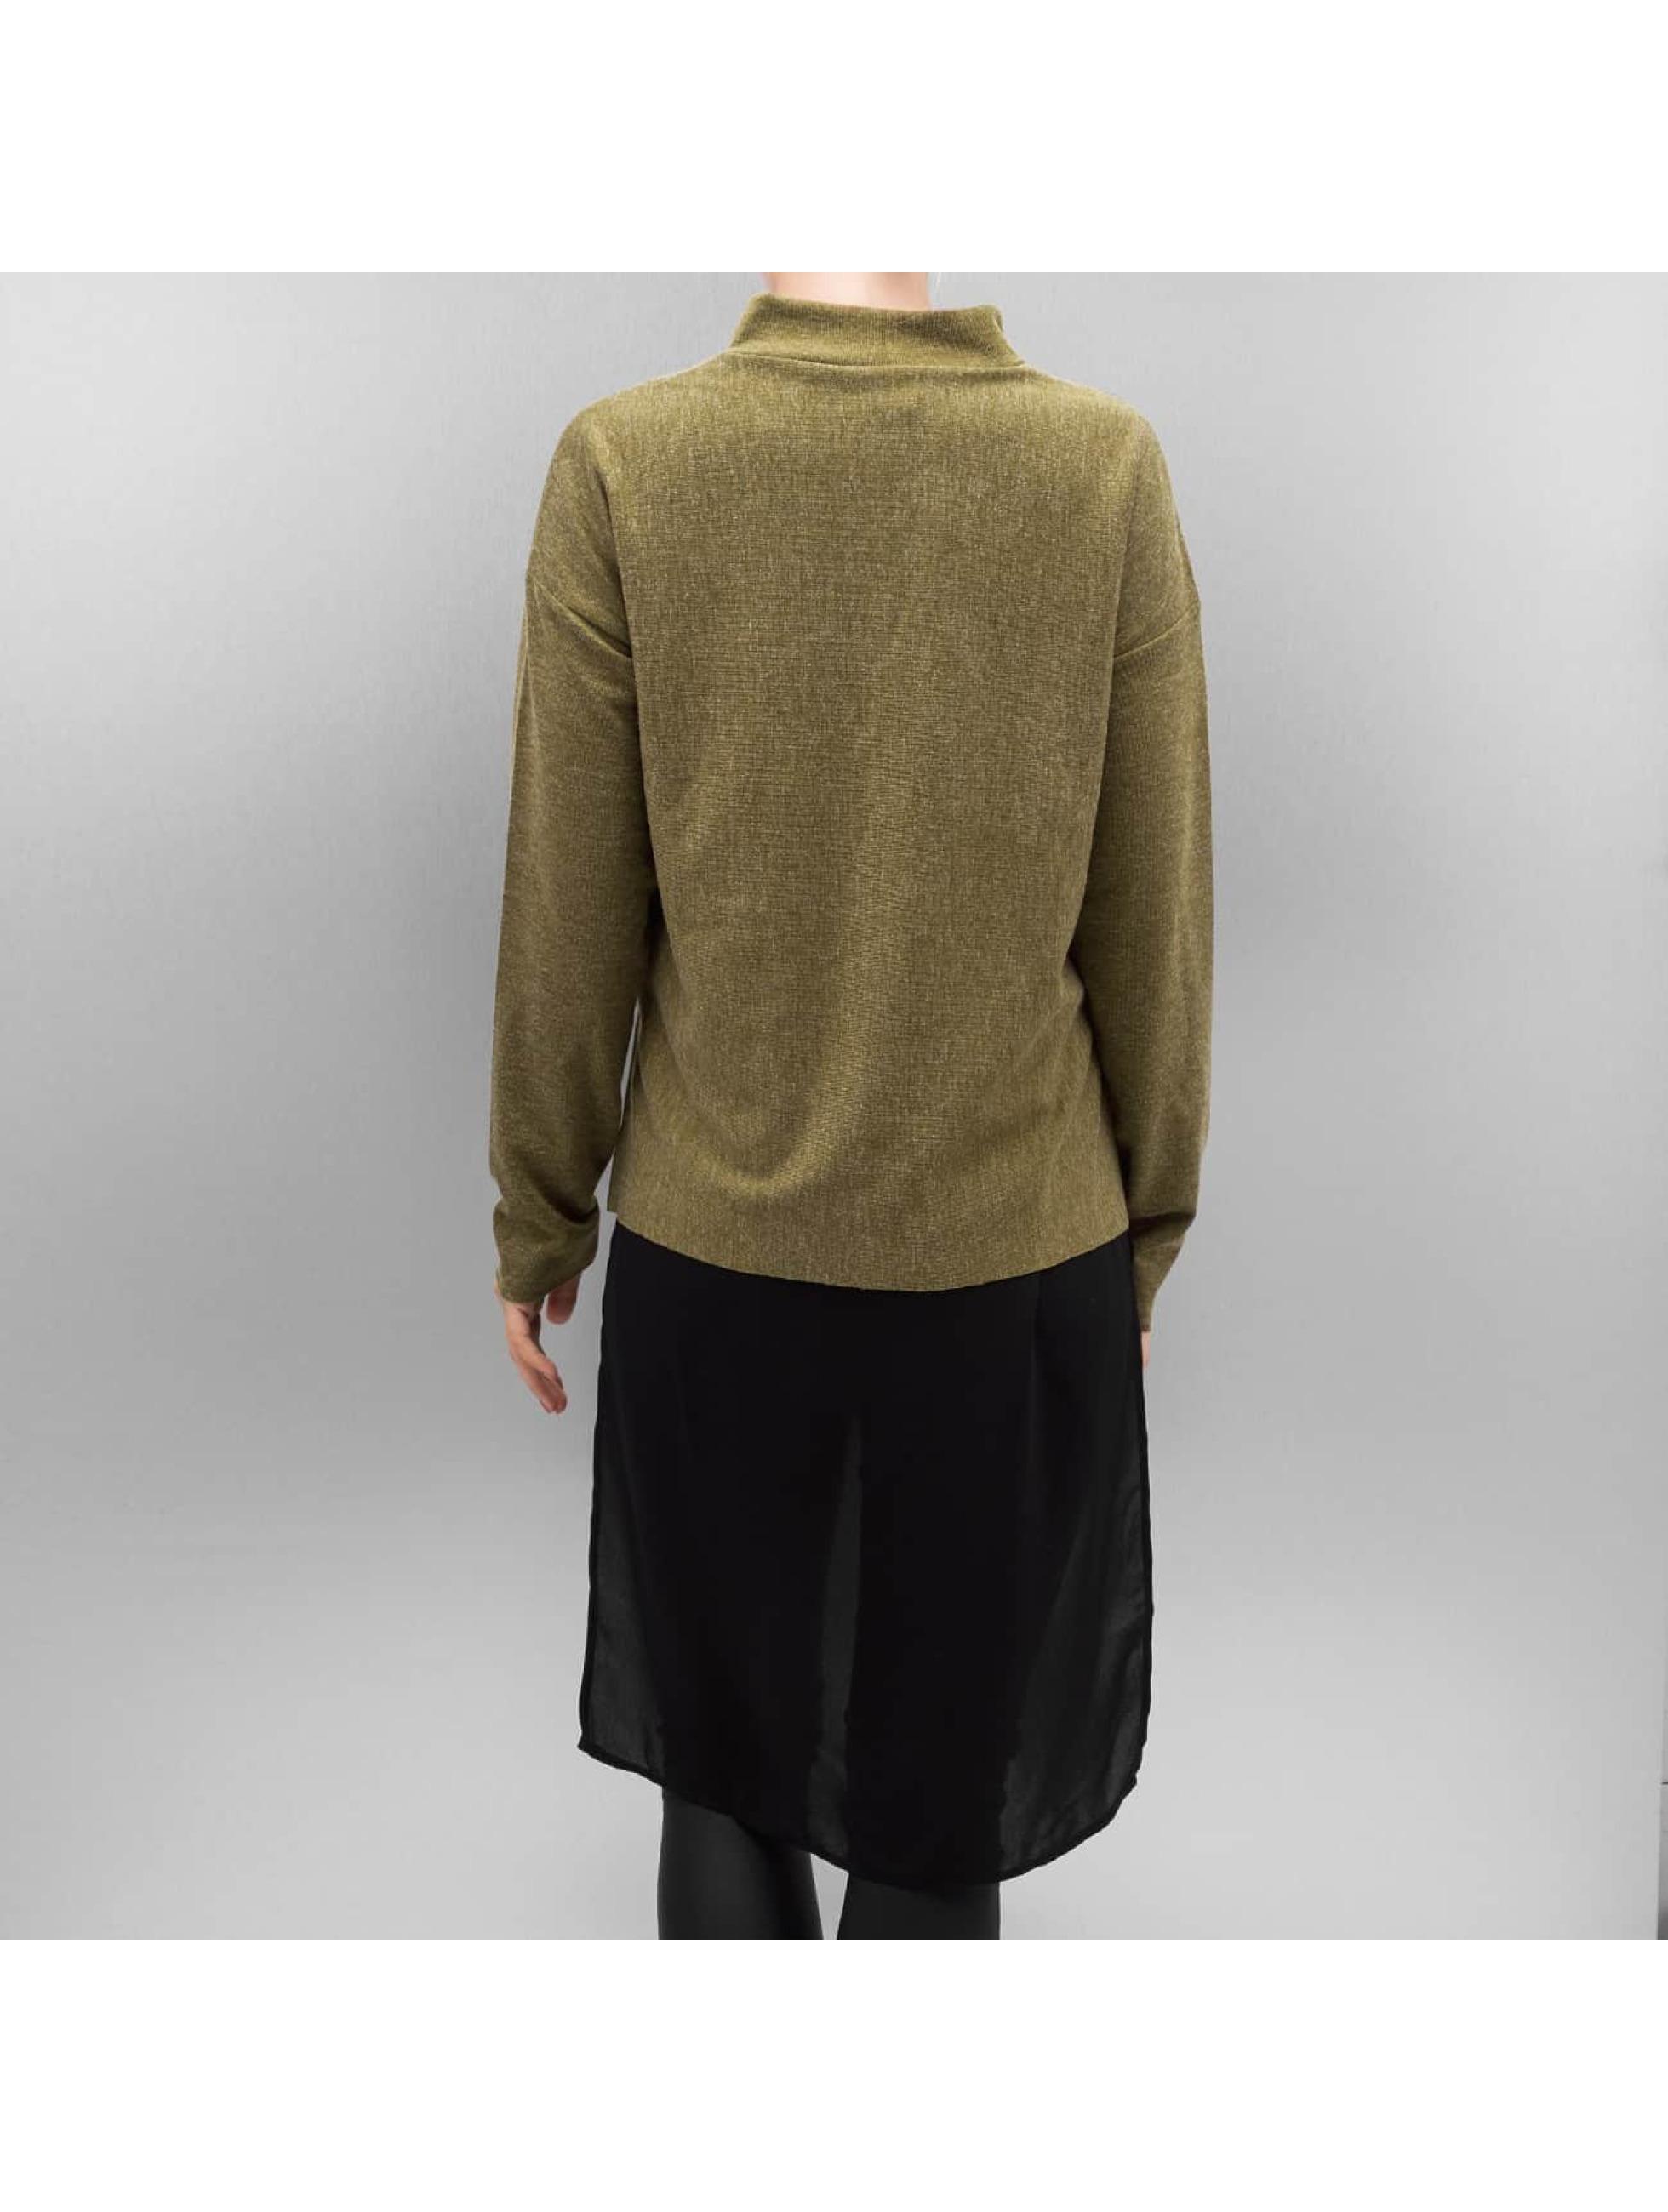 Vero Moda Gensre vmNora khaki